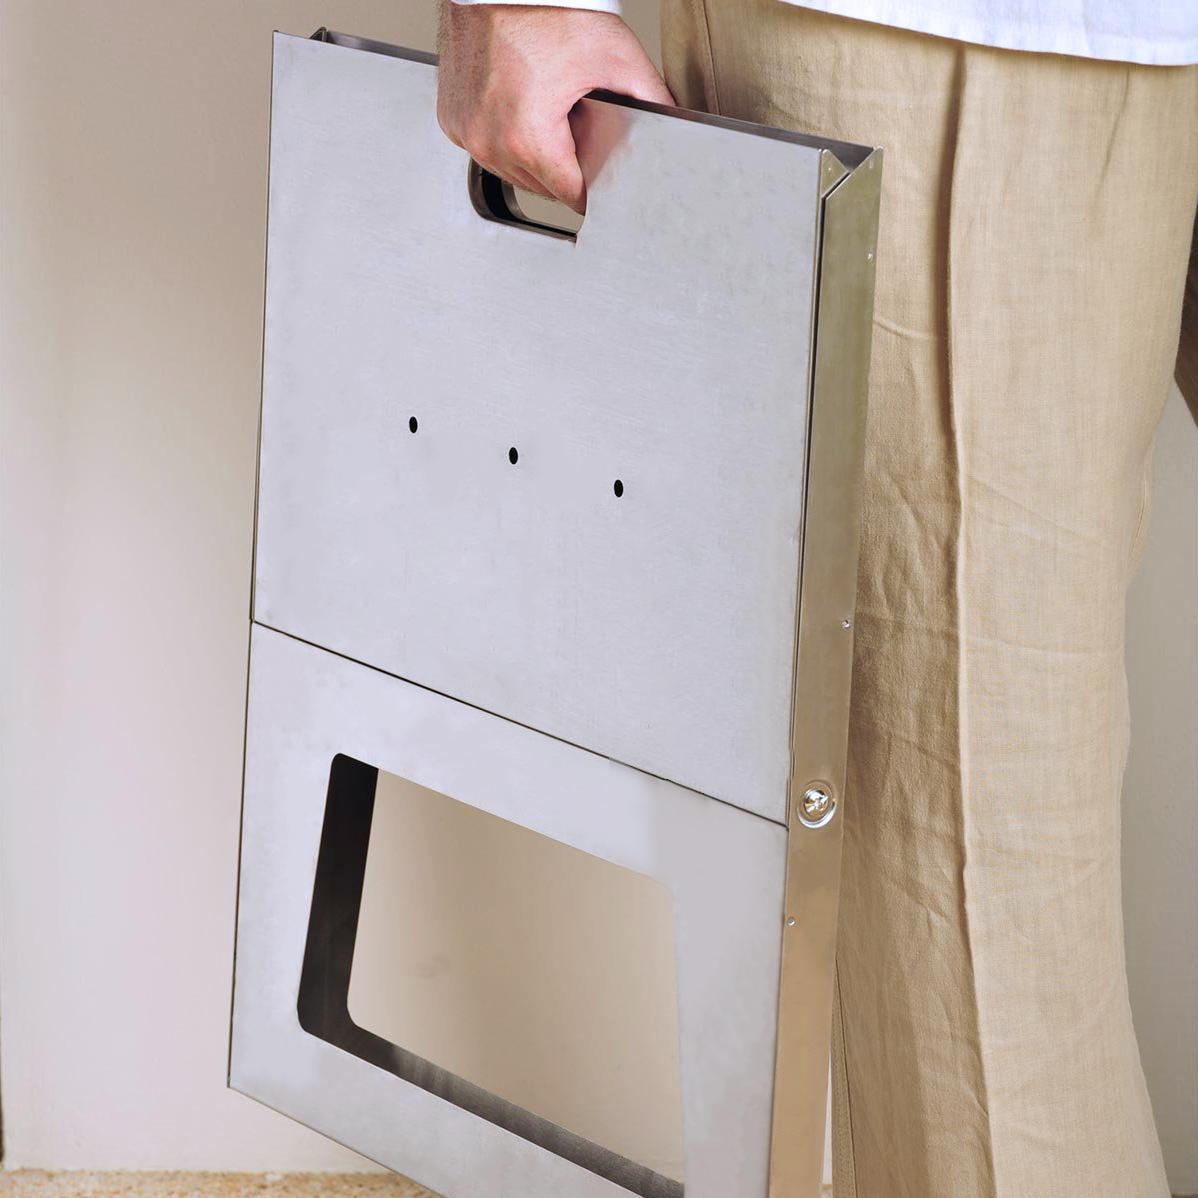 ノートのような珍しいデザイン。畳めるバーベキューグリル|Notebook